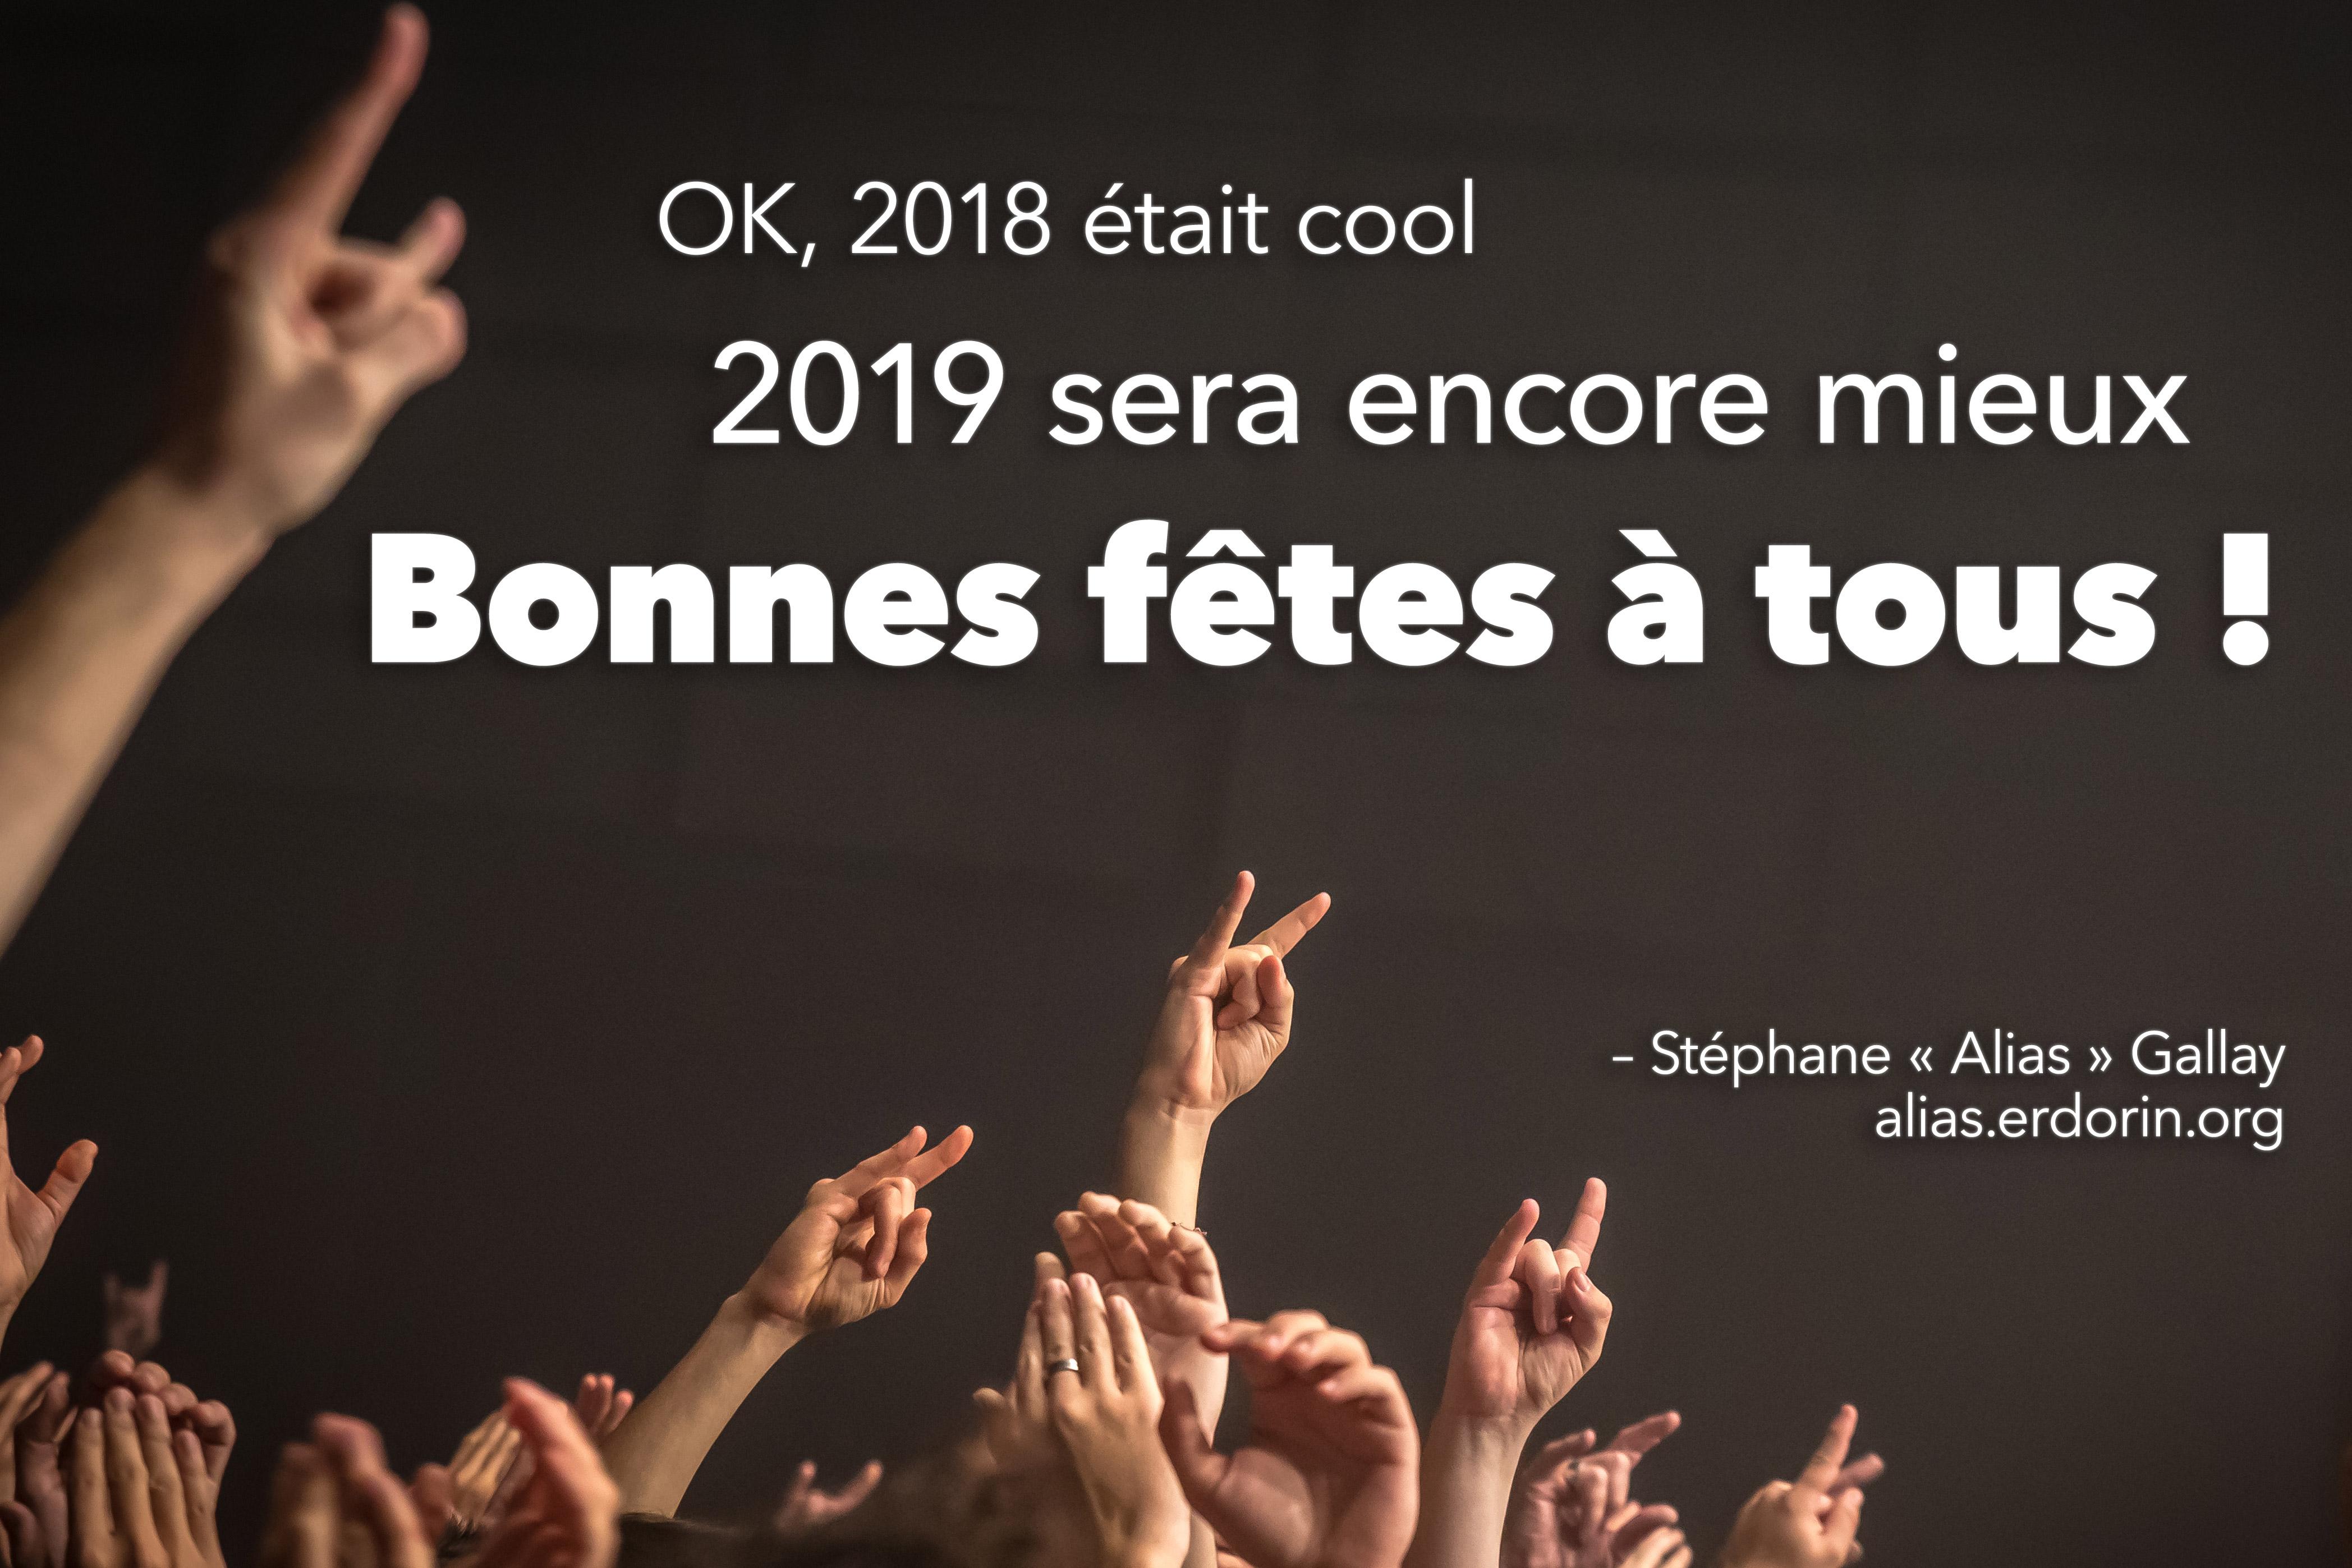 Bonnes fêtes 2019